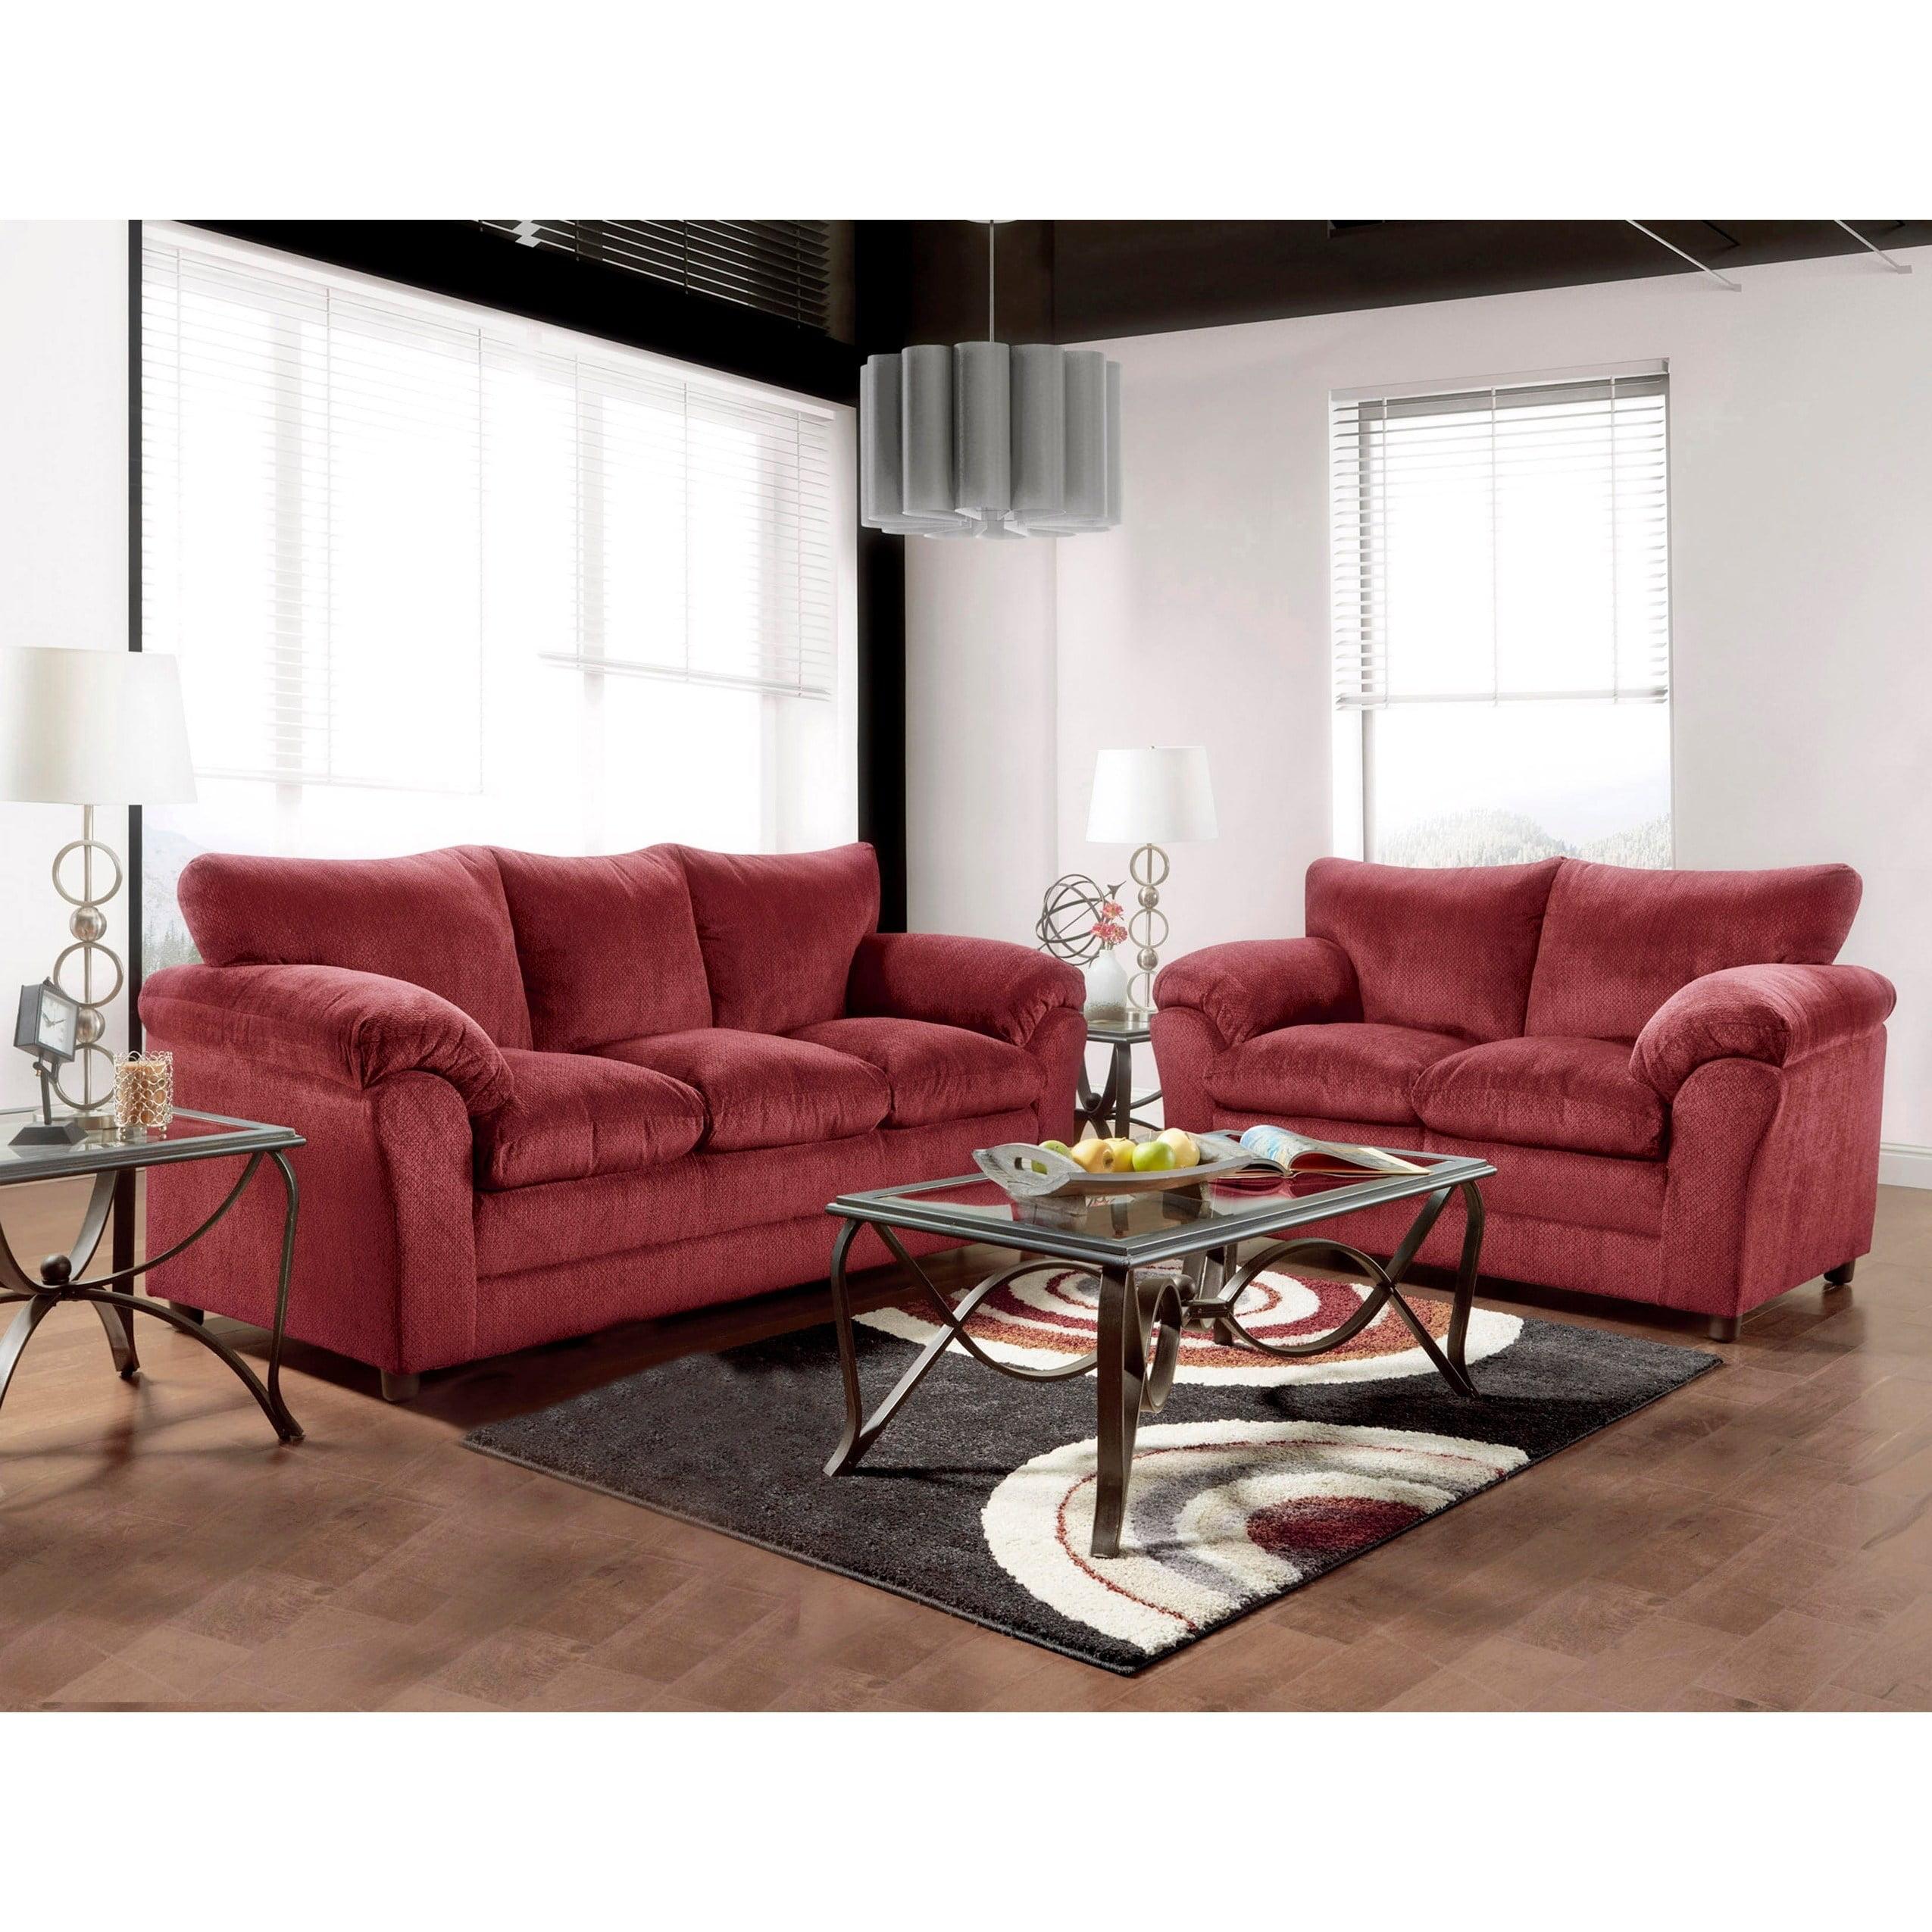 Image of: Clay Alder Home Grandview Burgundy Sofa Loveseat 2 Piece Set Walmart Com Walmart Com